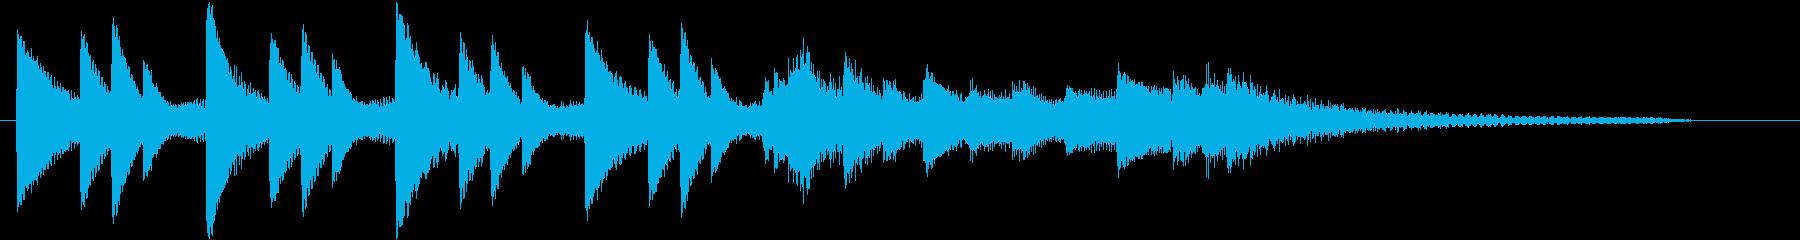 XmasキャロルオブザベルズジングルBの再生済みの波形